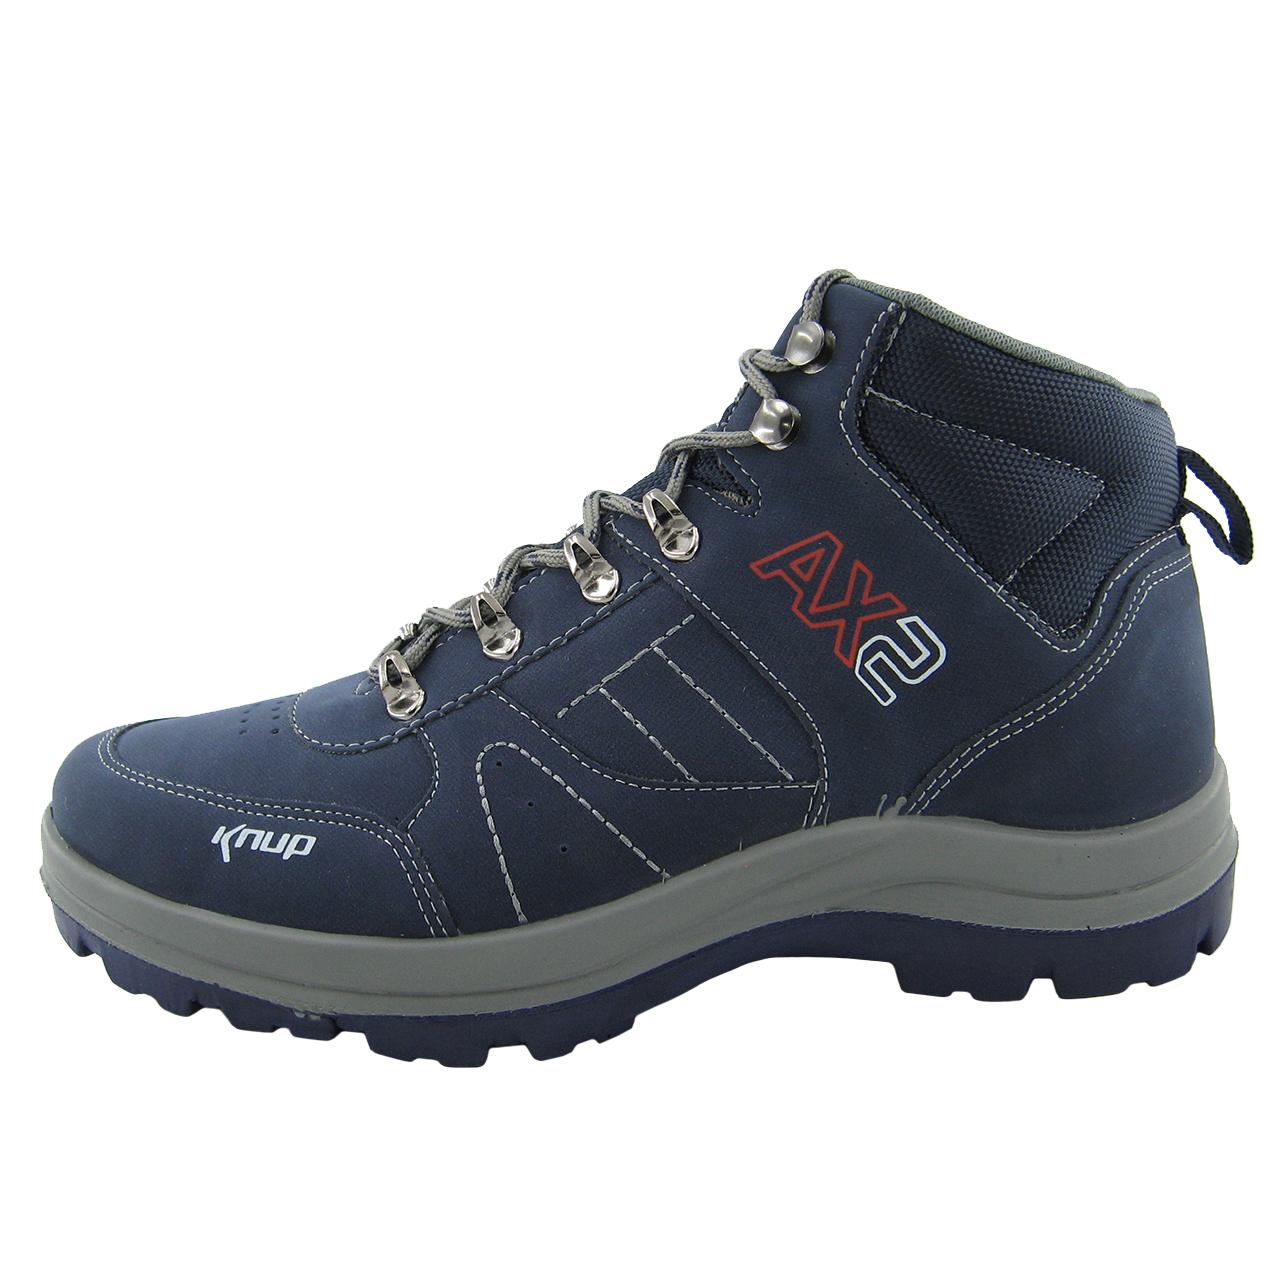 کفش کوهنوردی مردانه کد 493-59-SL